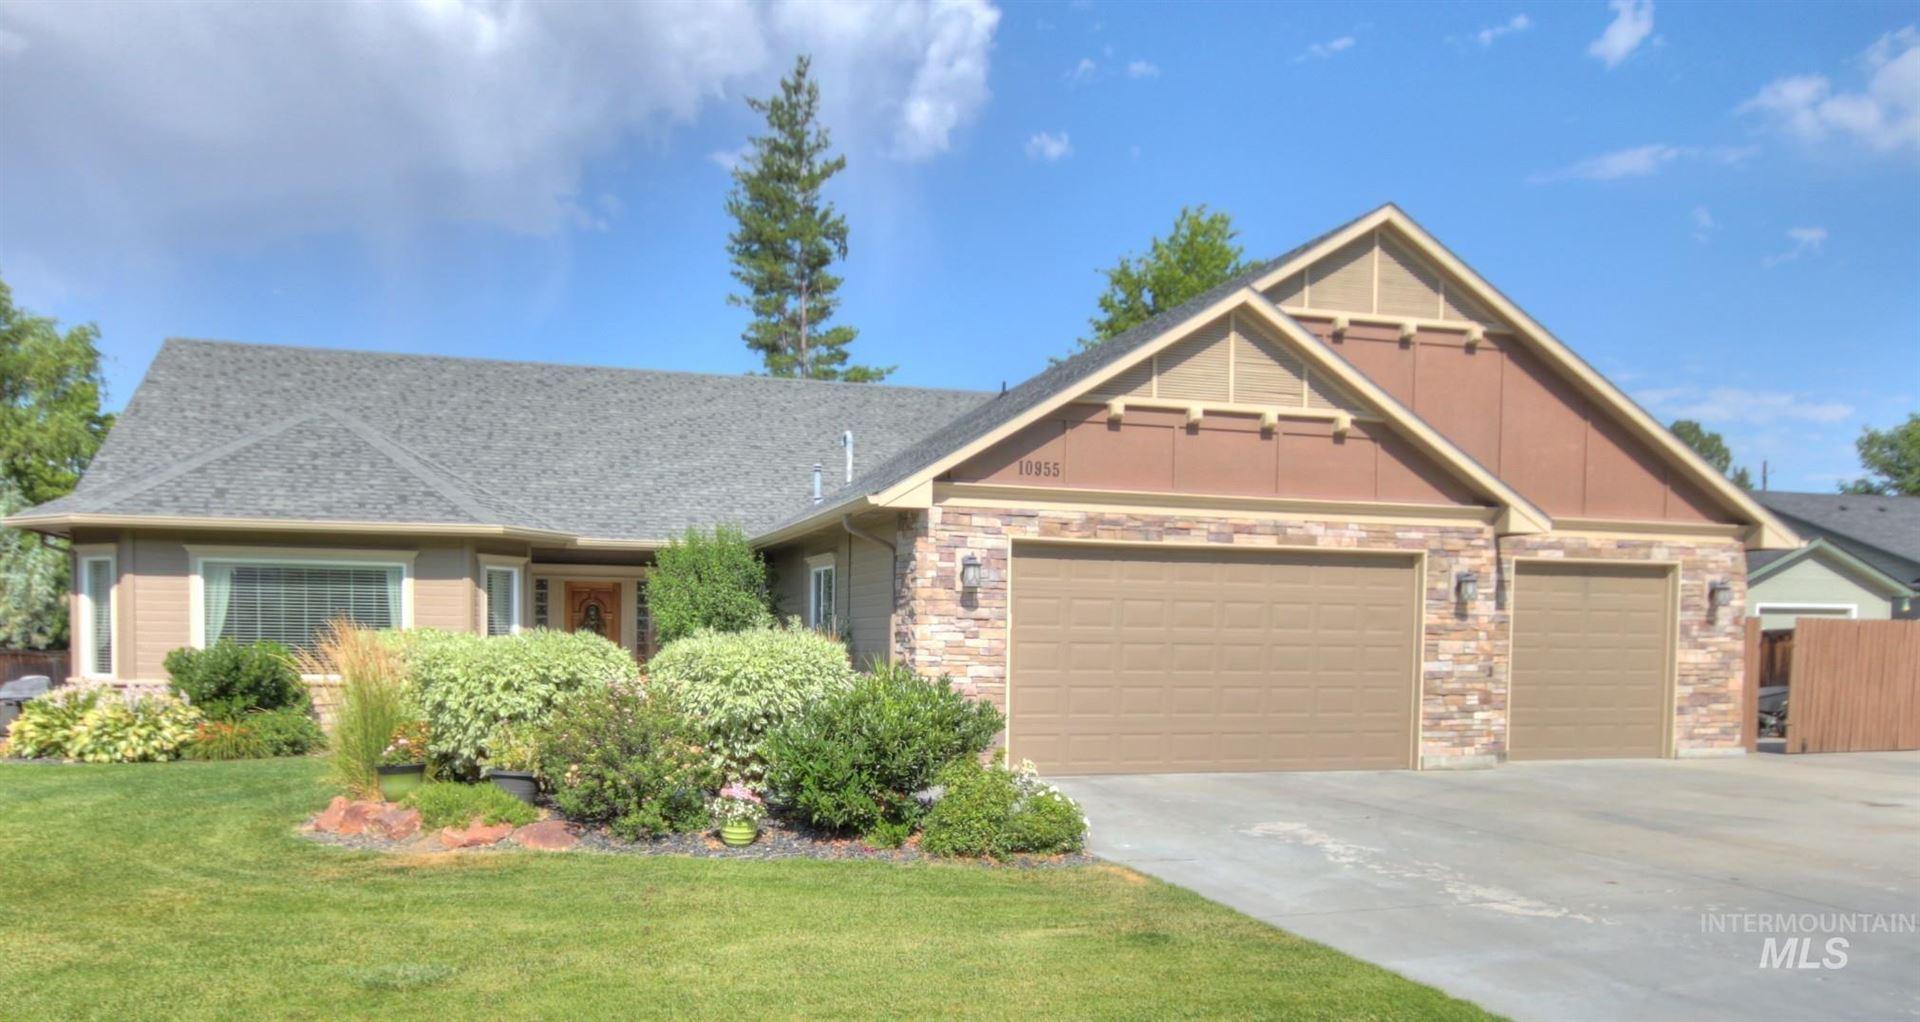 10955 N Blacktail Pl, Boise, ID 83714 - MLS#: 98809919